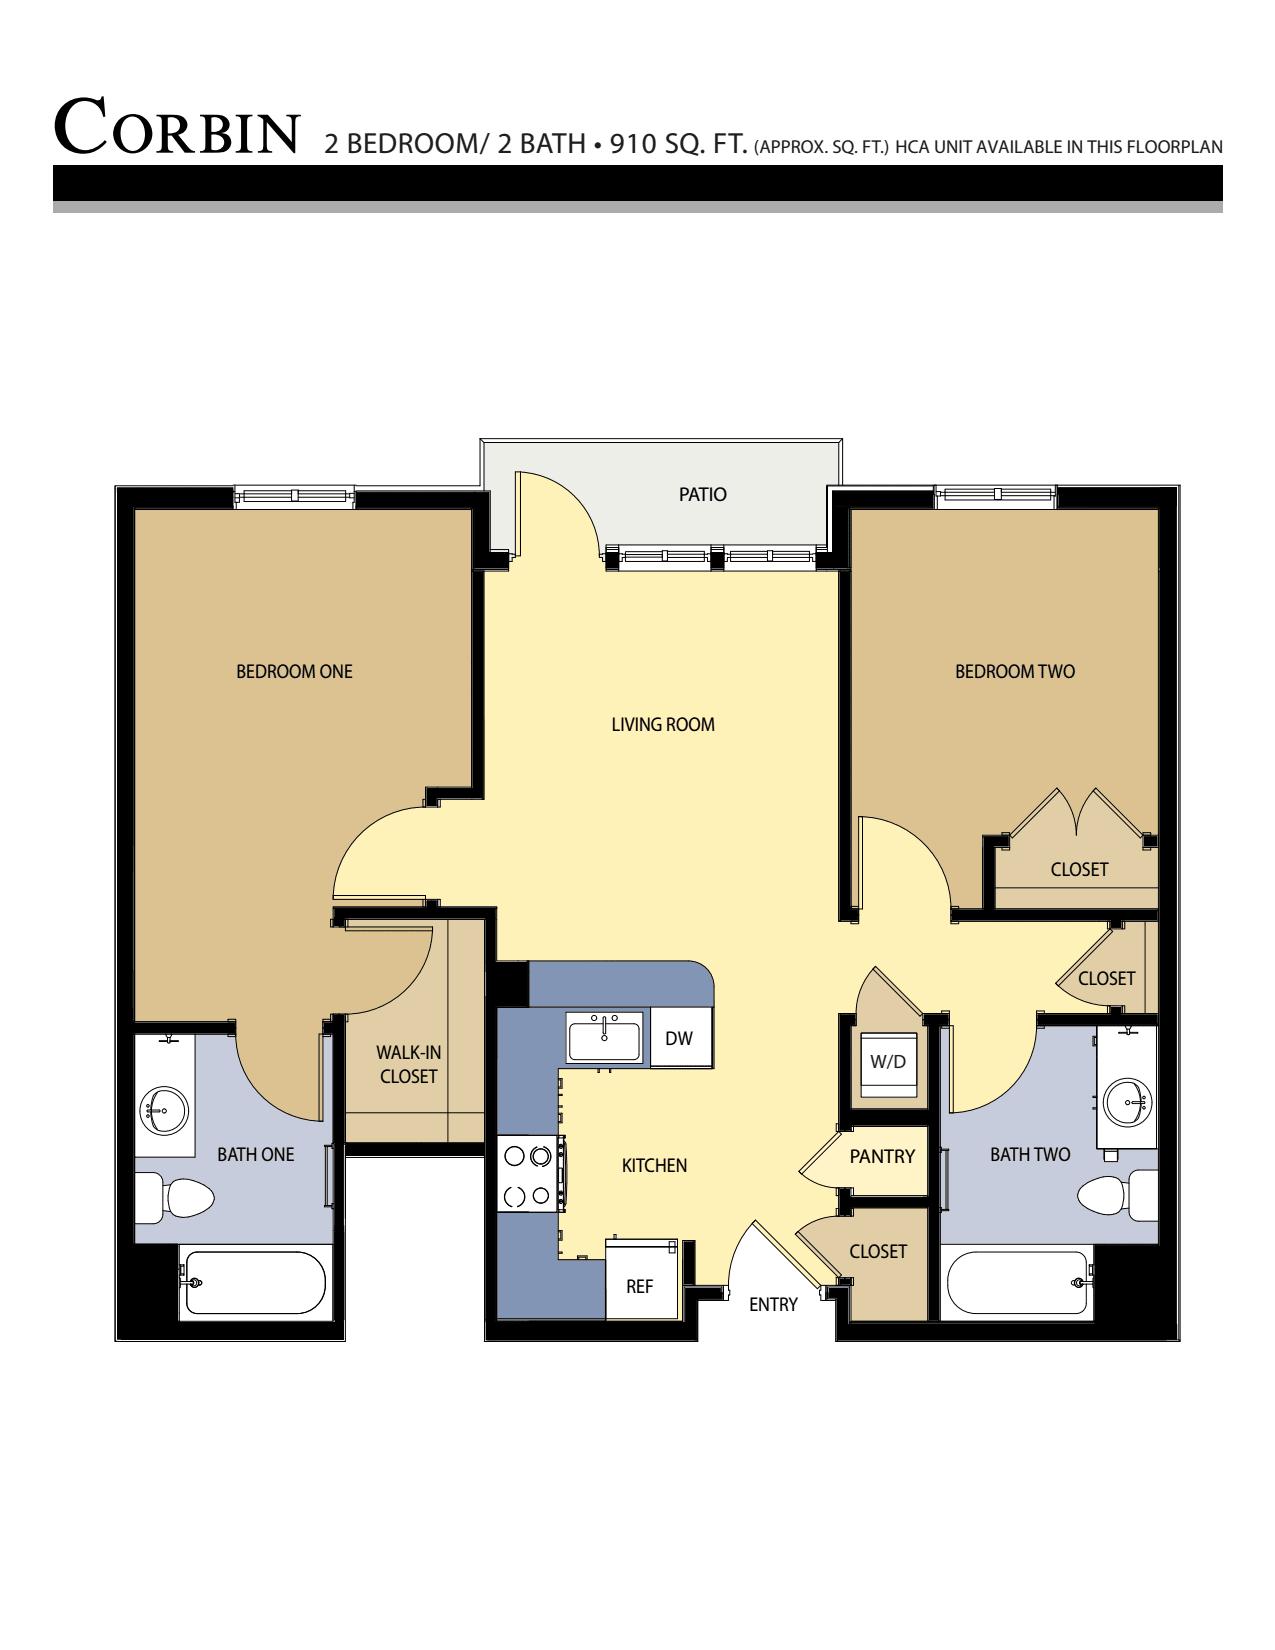 CORBIN floor plan - 2 Bed / 2 Bath (910 Sq Ft)